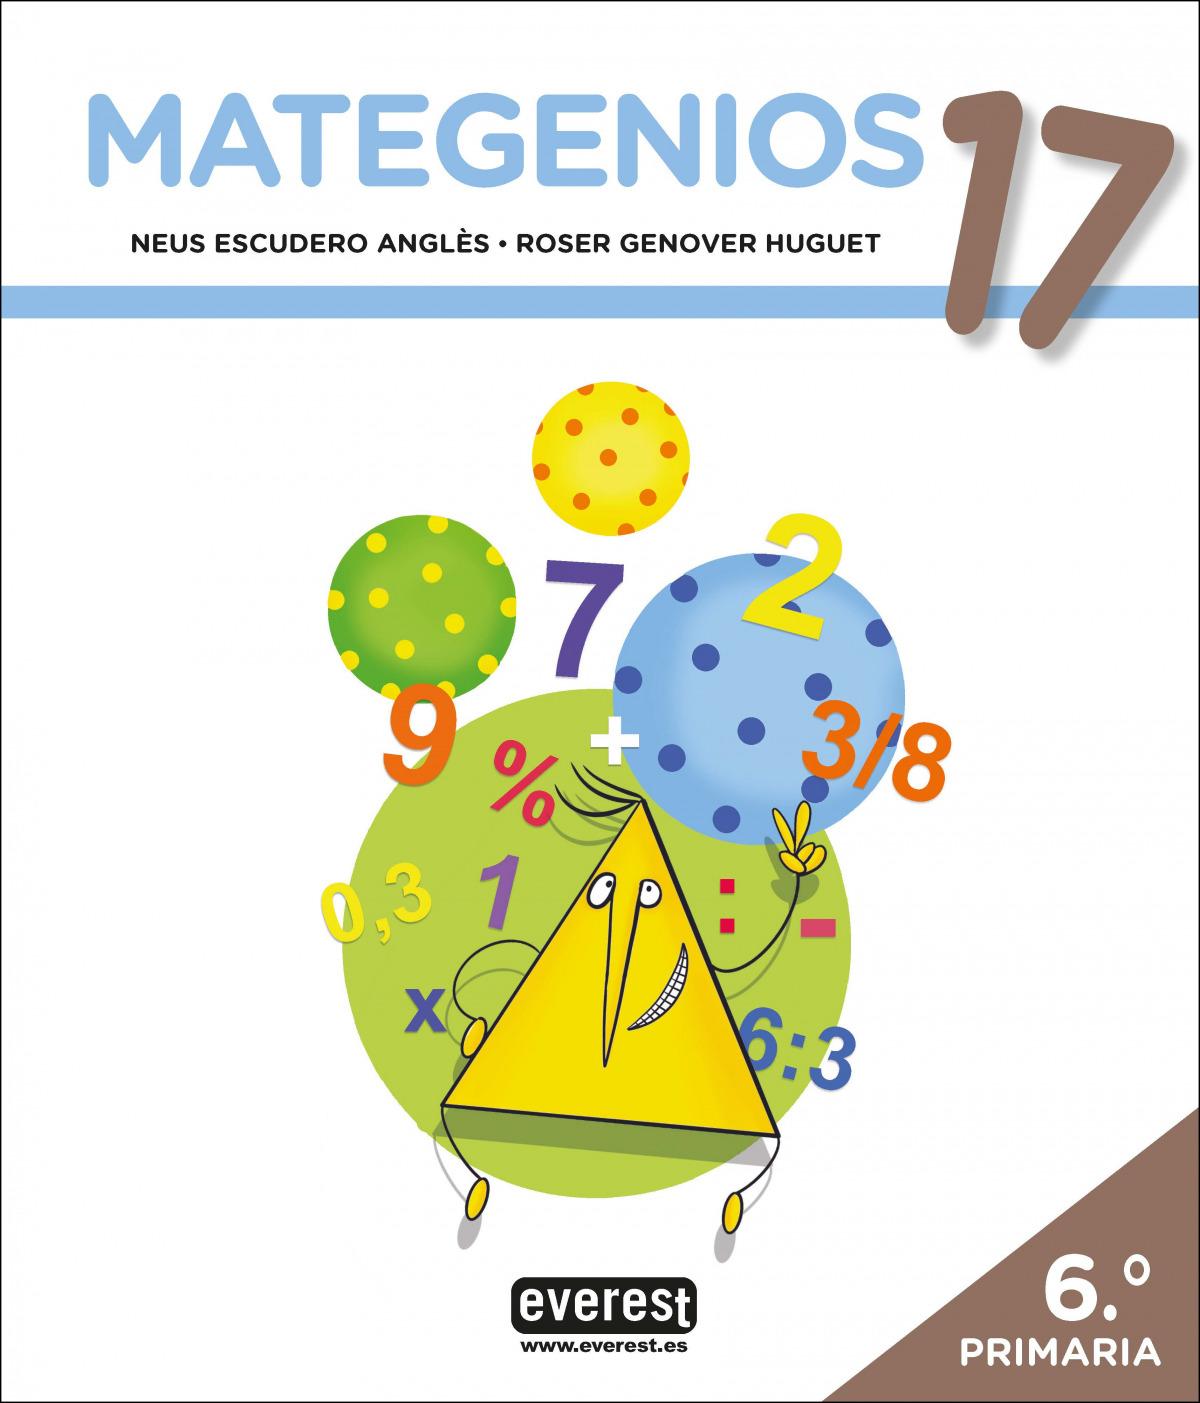 Mategenios 17